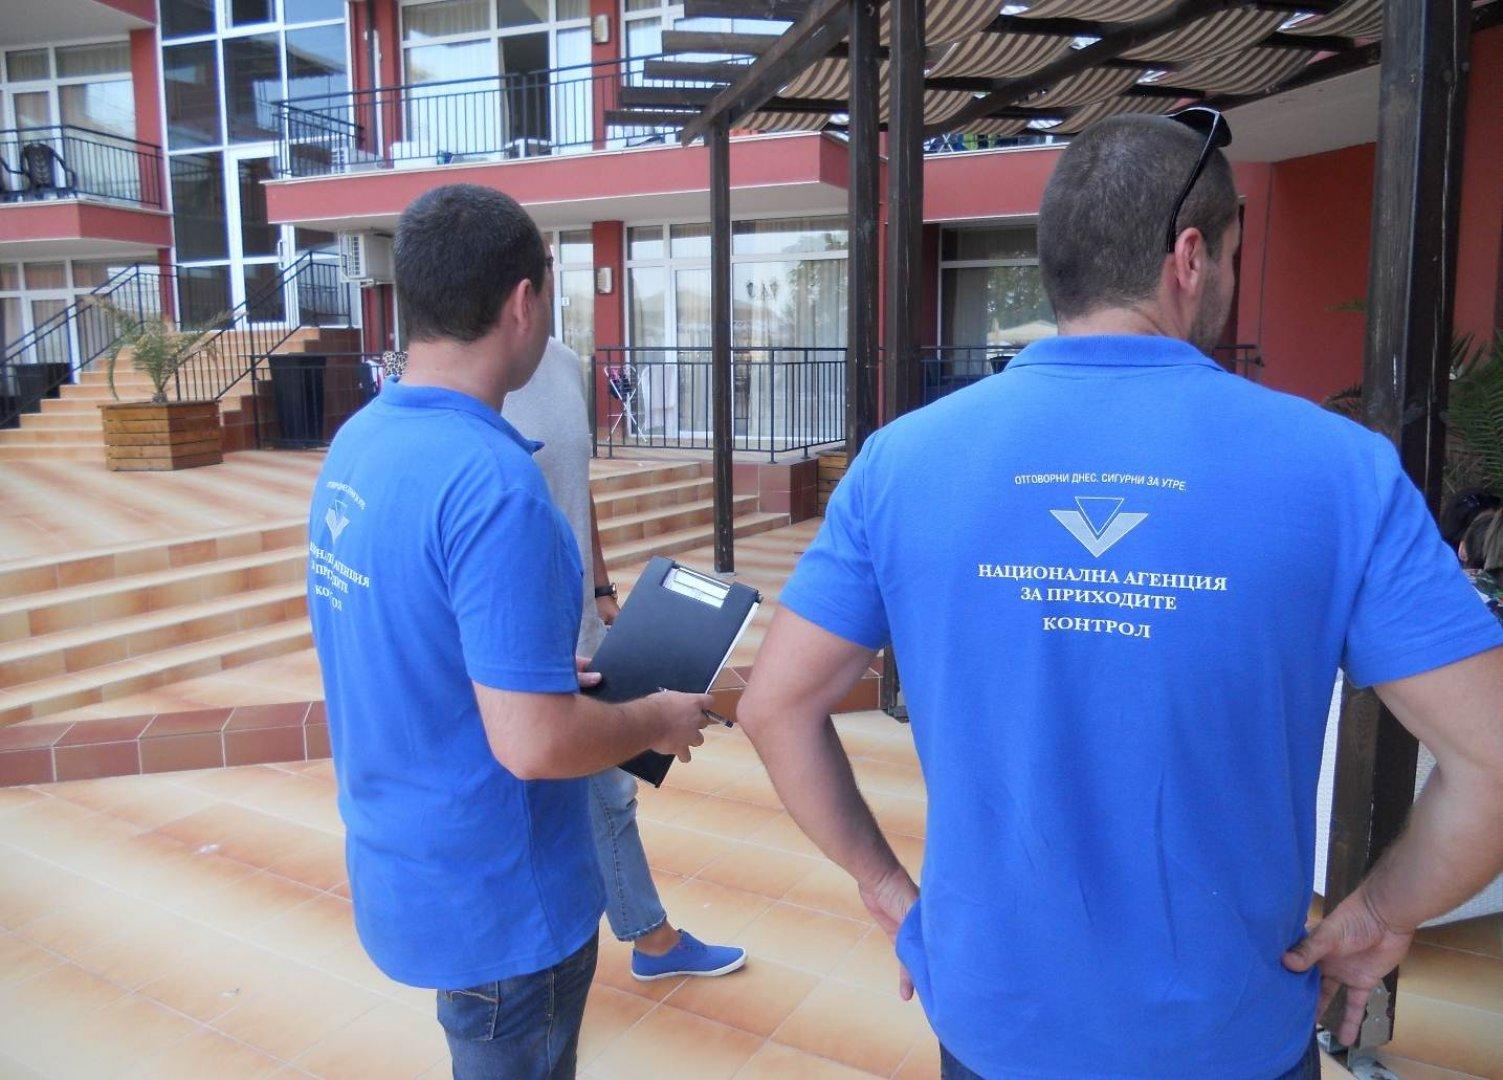 От НАП Бургас коментираха, че кампанията ще бъде изключително прецизирана. Снимката е илюстративна